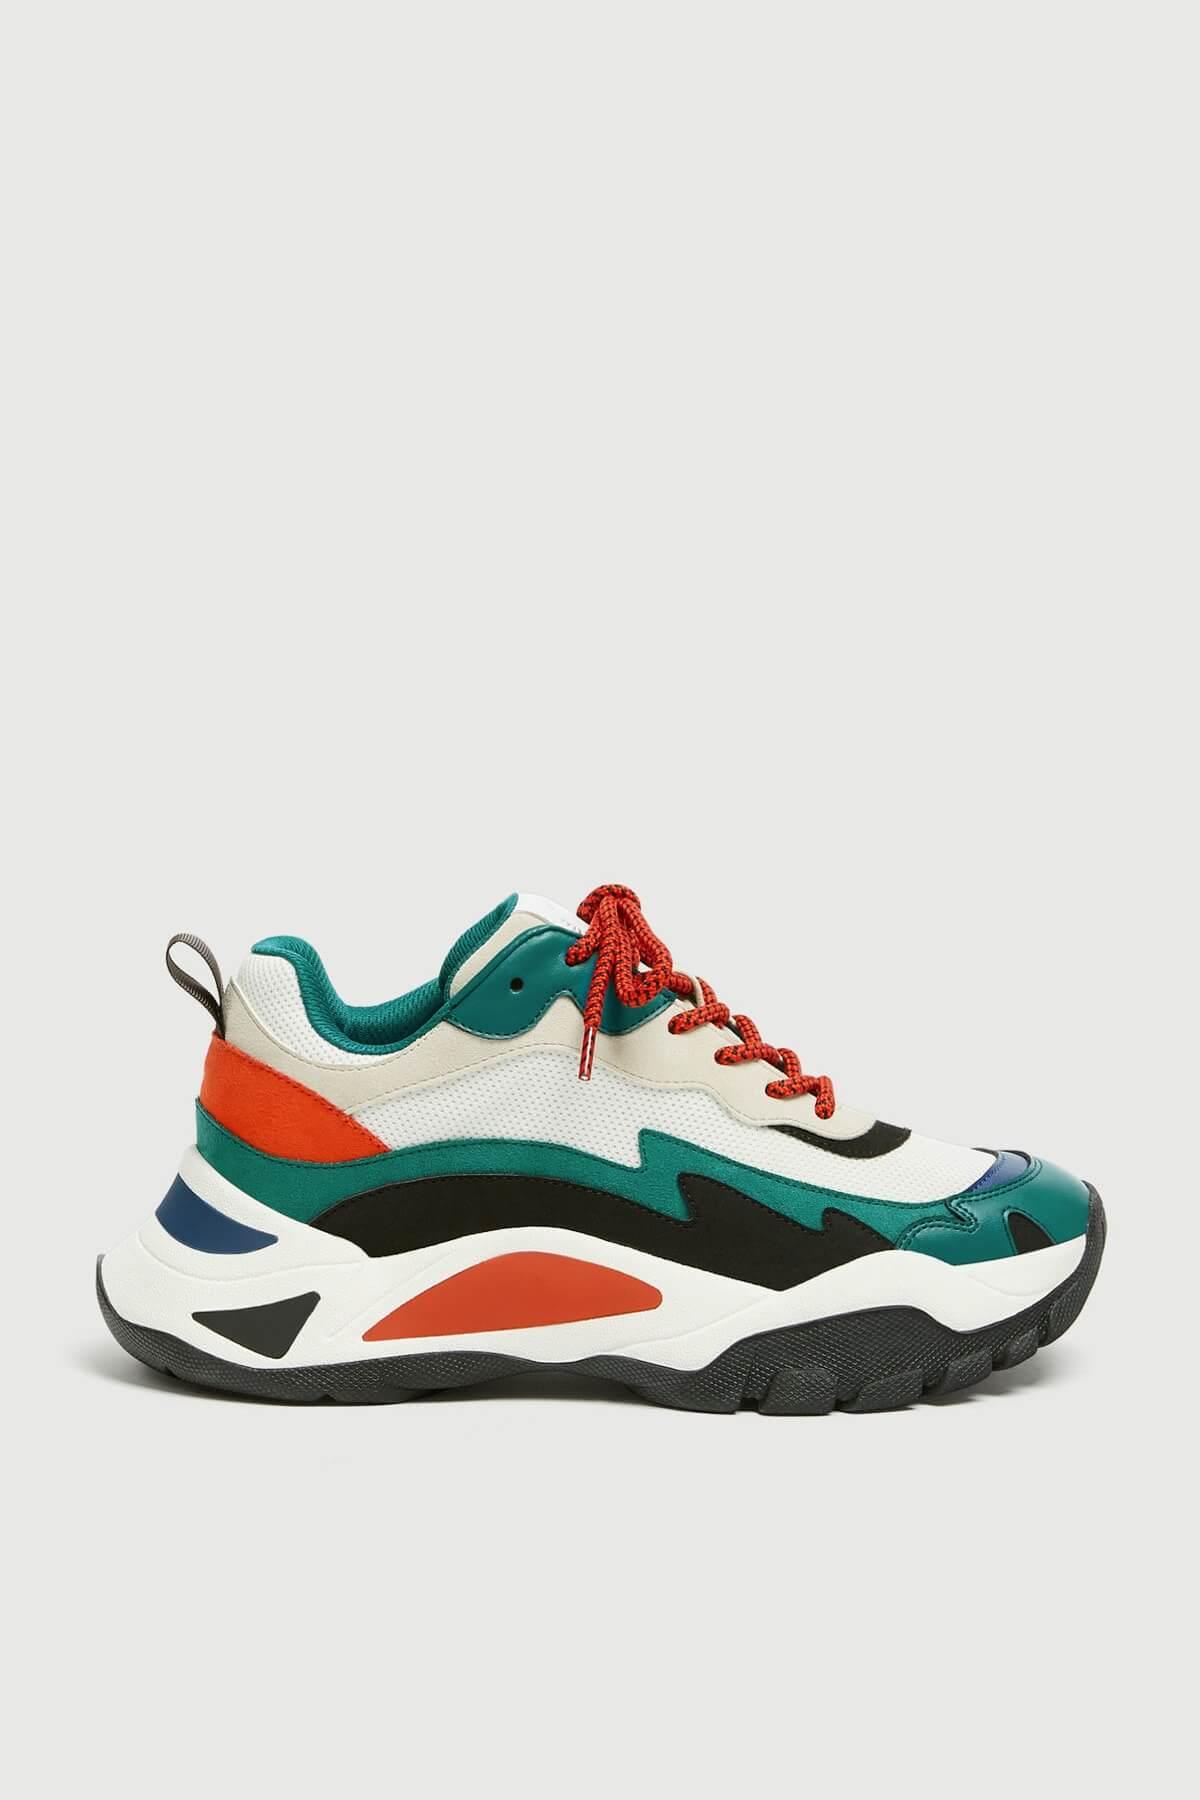 rengarenk dolgu topuk spor ayakkabı